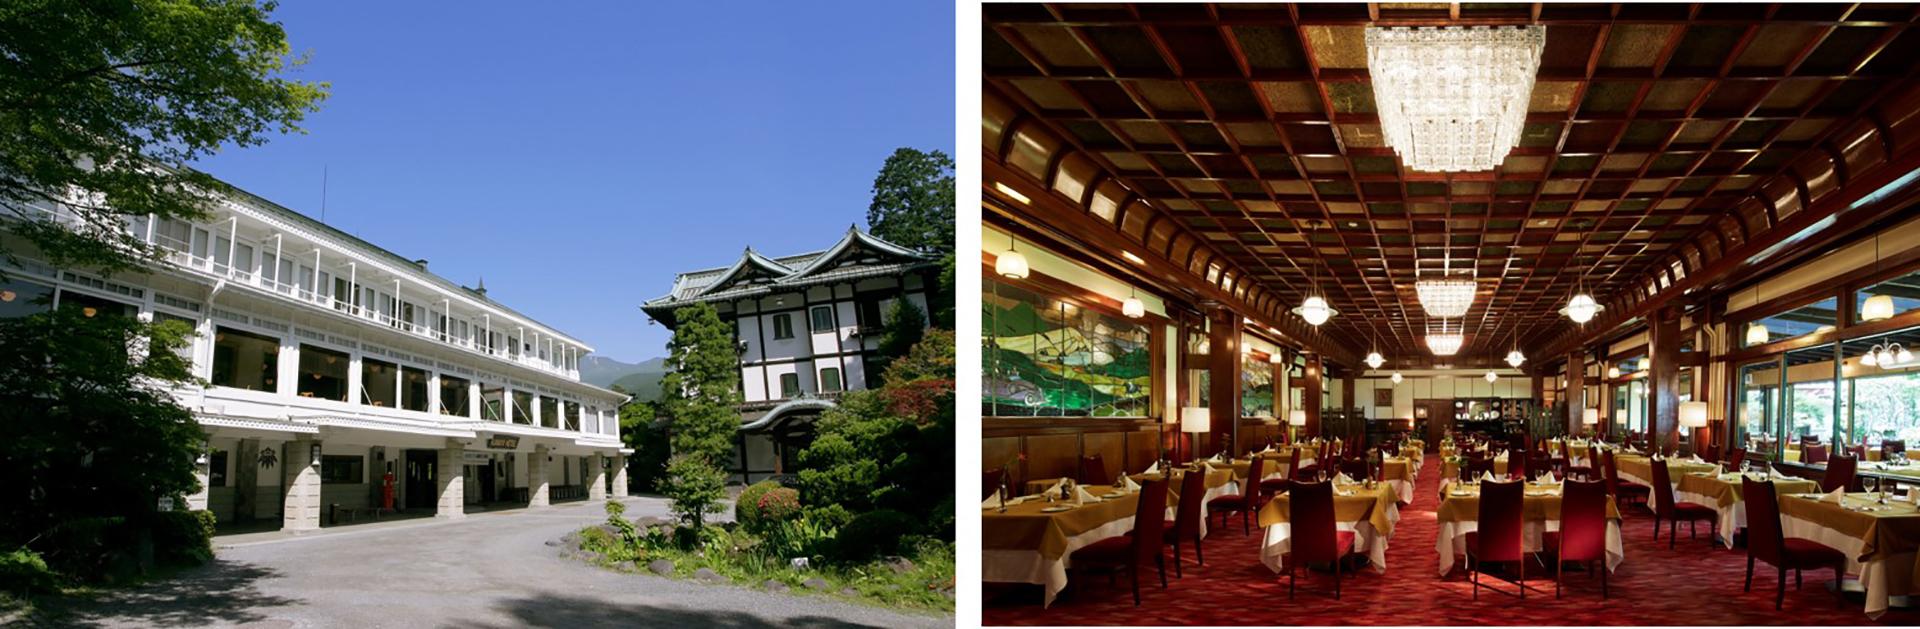 左)日光金谷ホテル、 右)万平ホテル